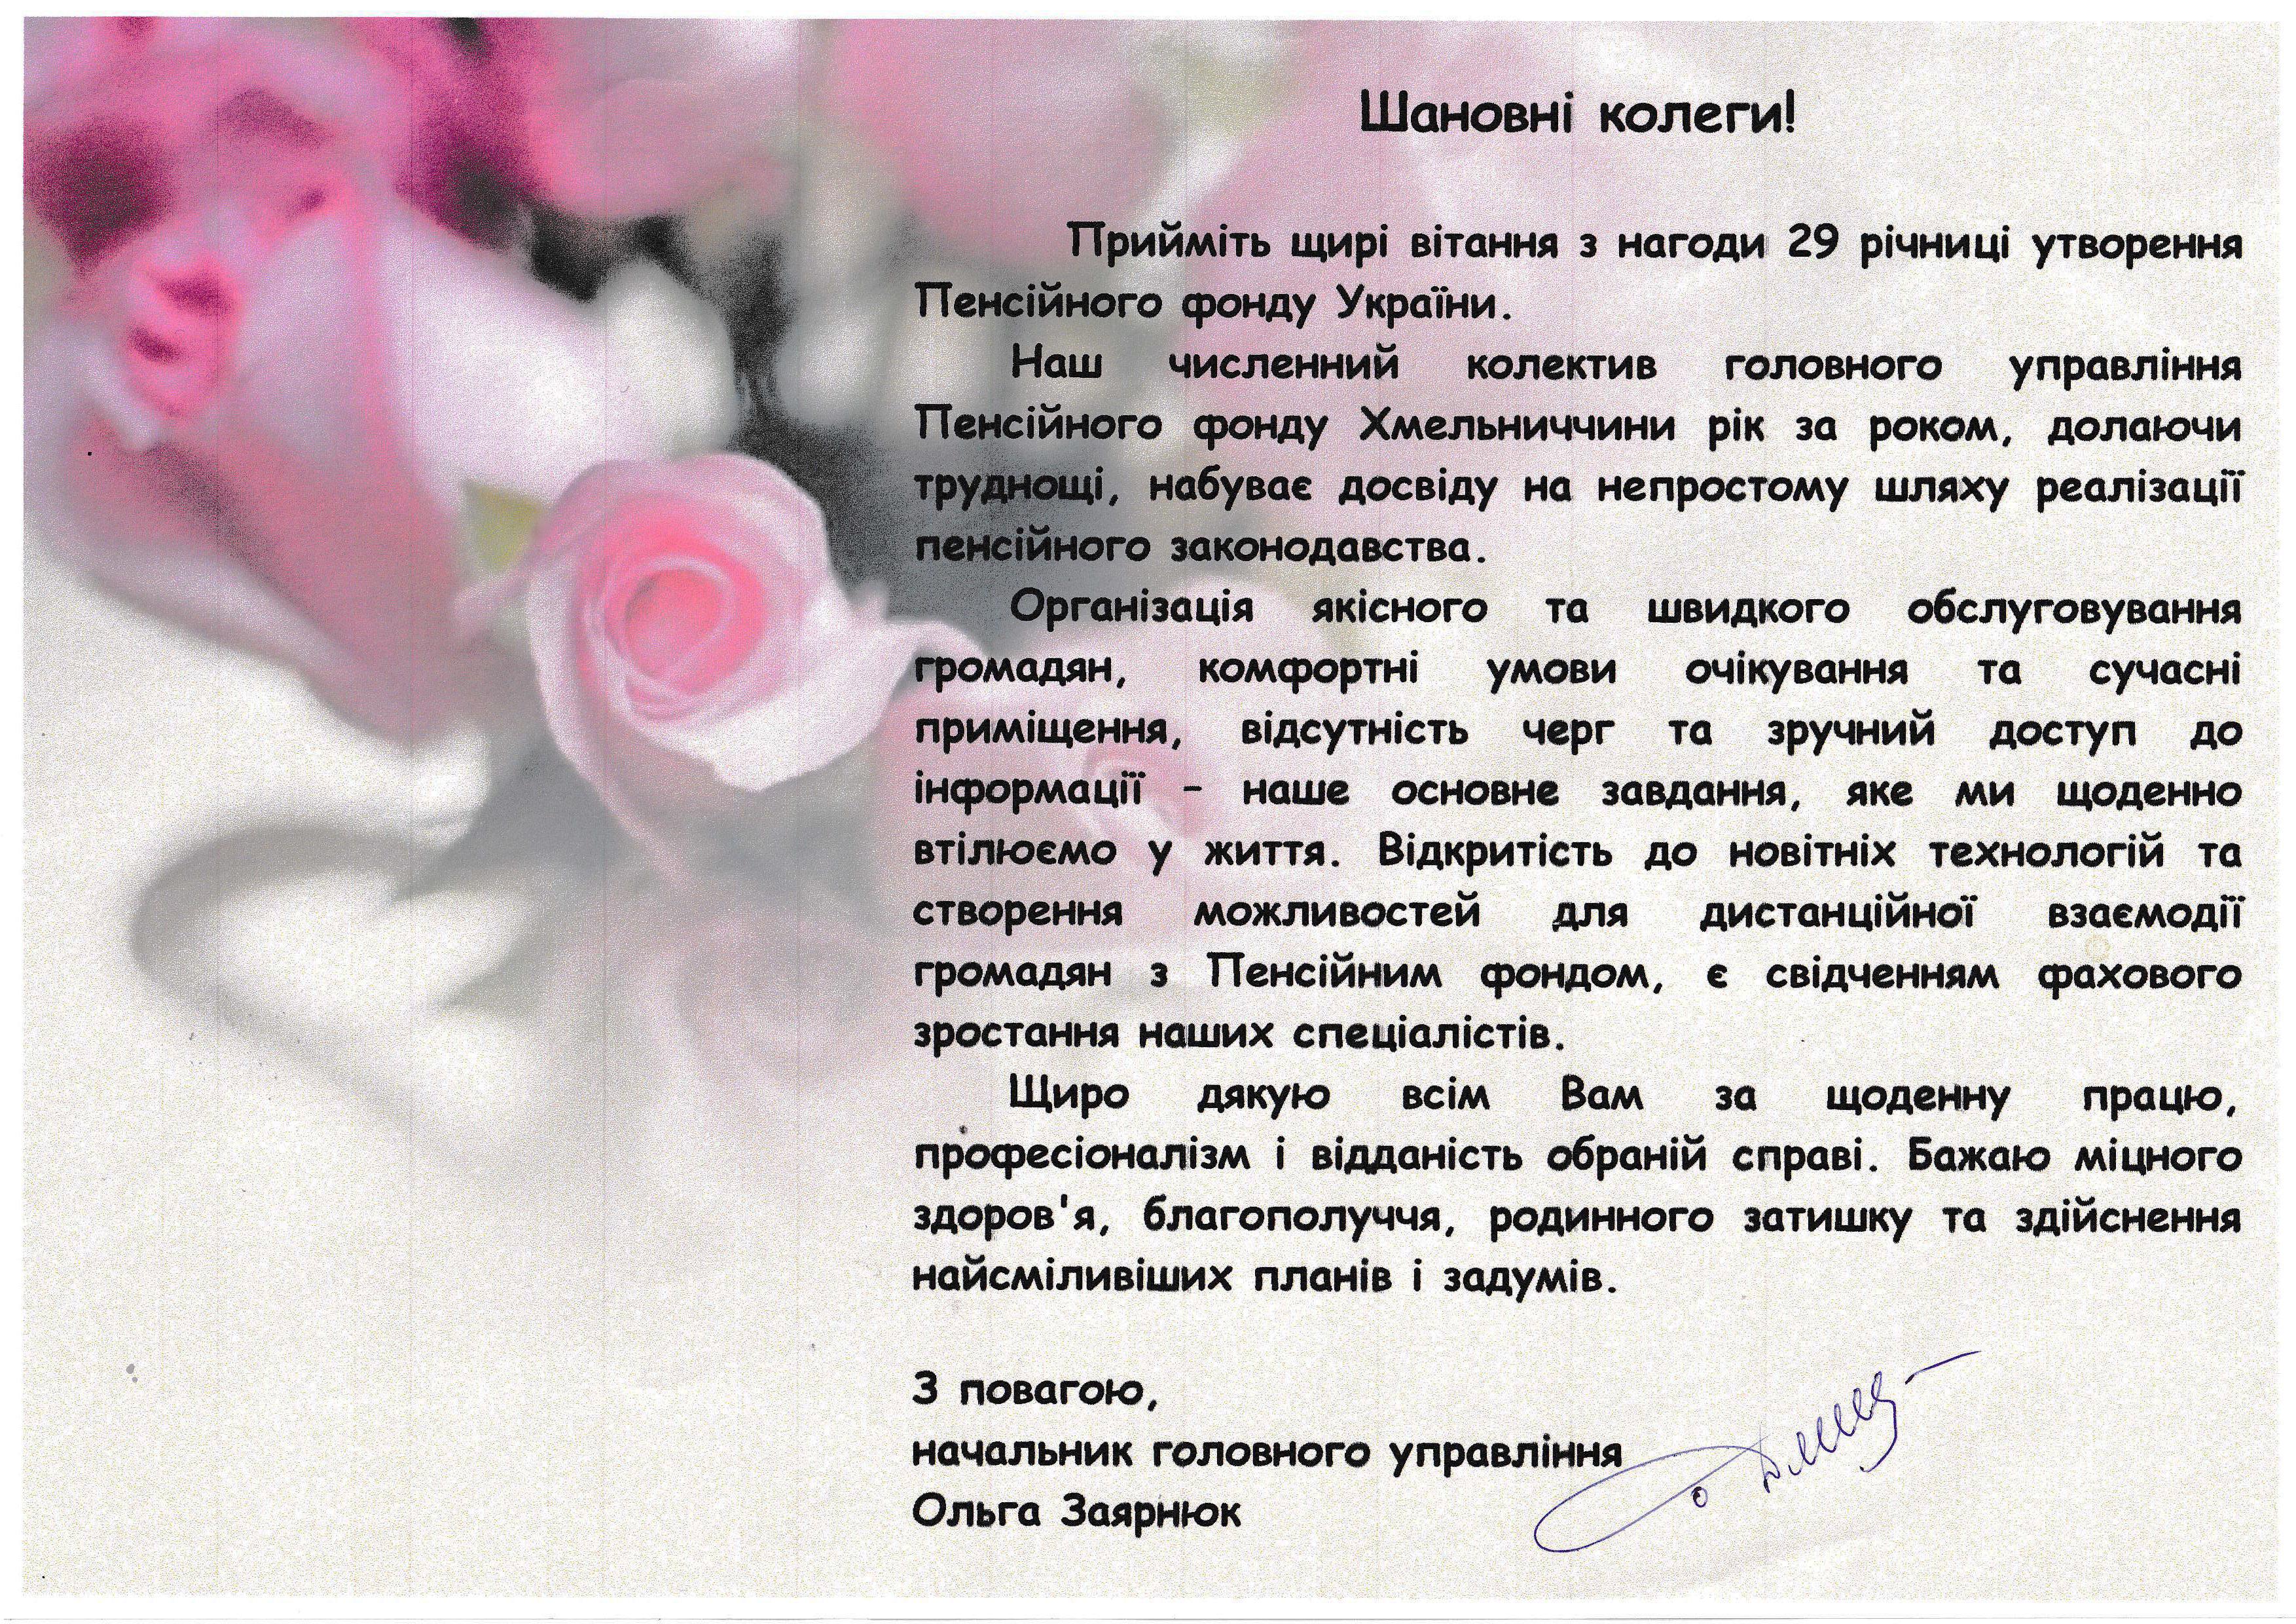 vitannya 29 richnytsya PFU - Привітання начальника головного управління Ольги Заярнюк з річницею утворення Пенсійного фонду України